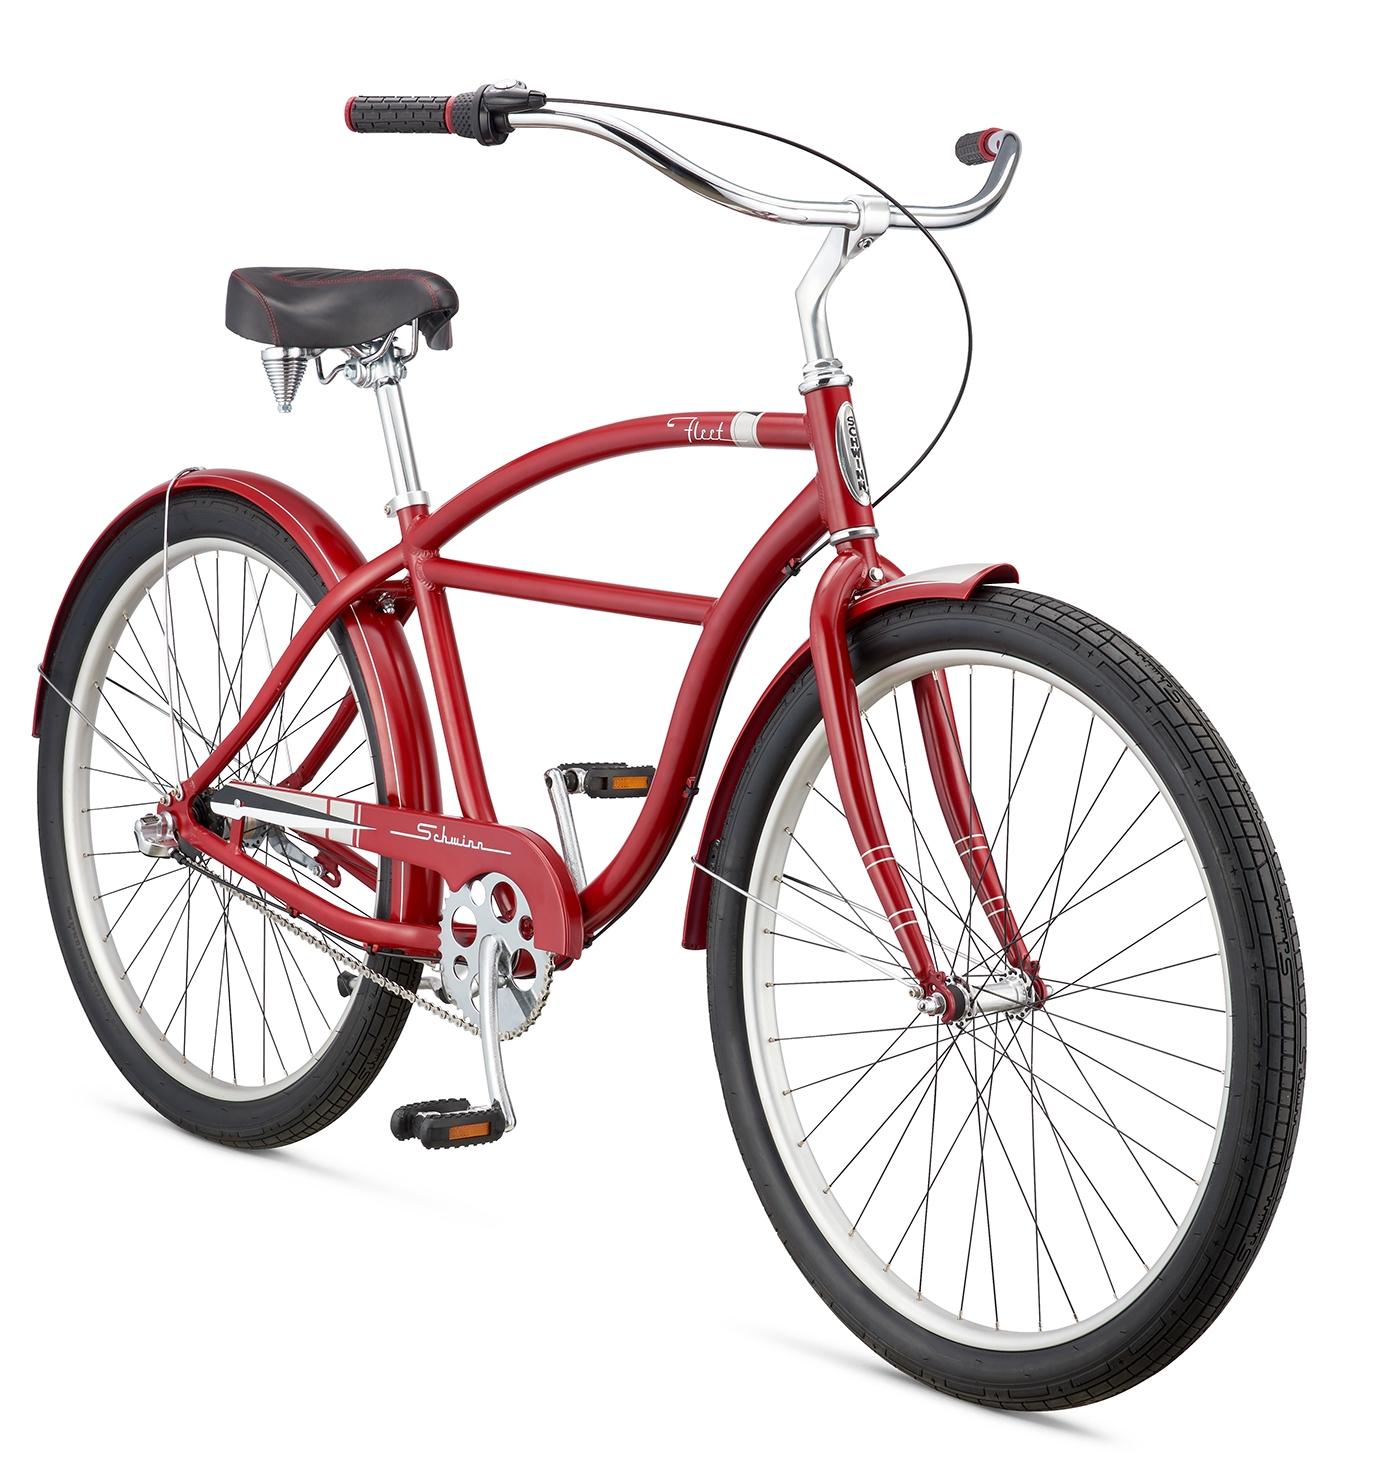 2016 SCHWINN FLEET - ko³a 27,5 cala RED - czerwony - Shimano NEXUS 3-biegi - rower miejski CRUISER - - > kliknij zdjêcie aby powiêkszyæ